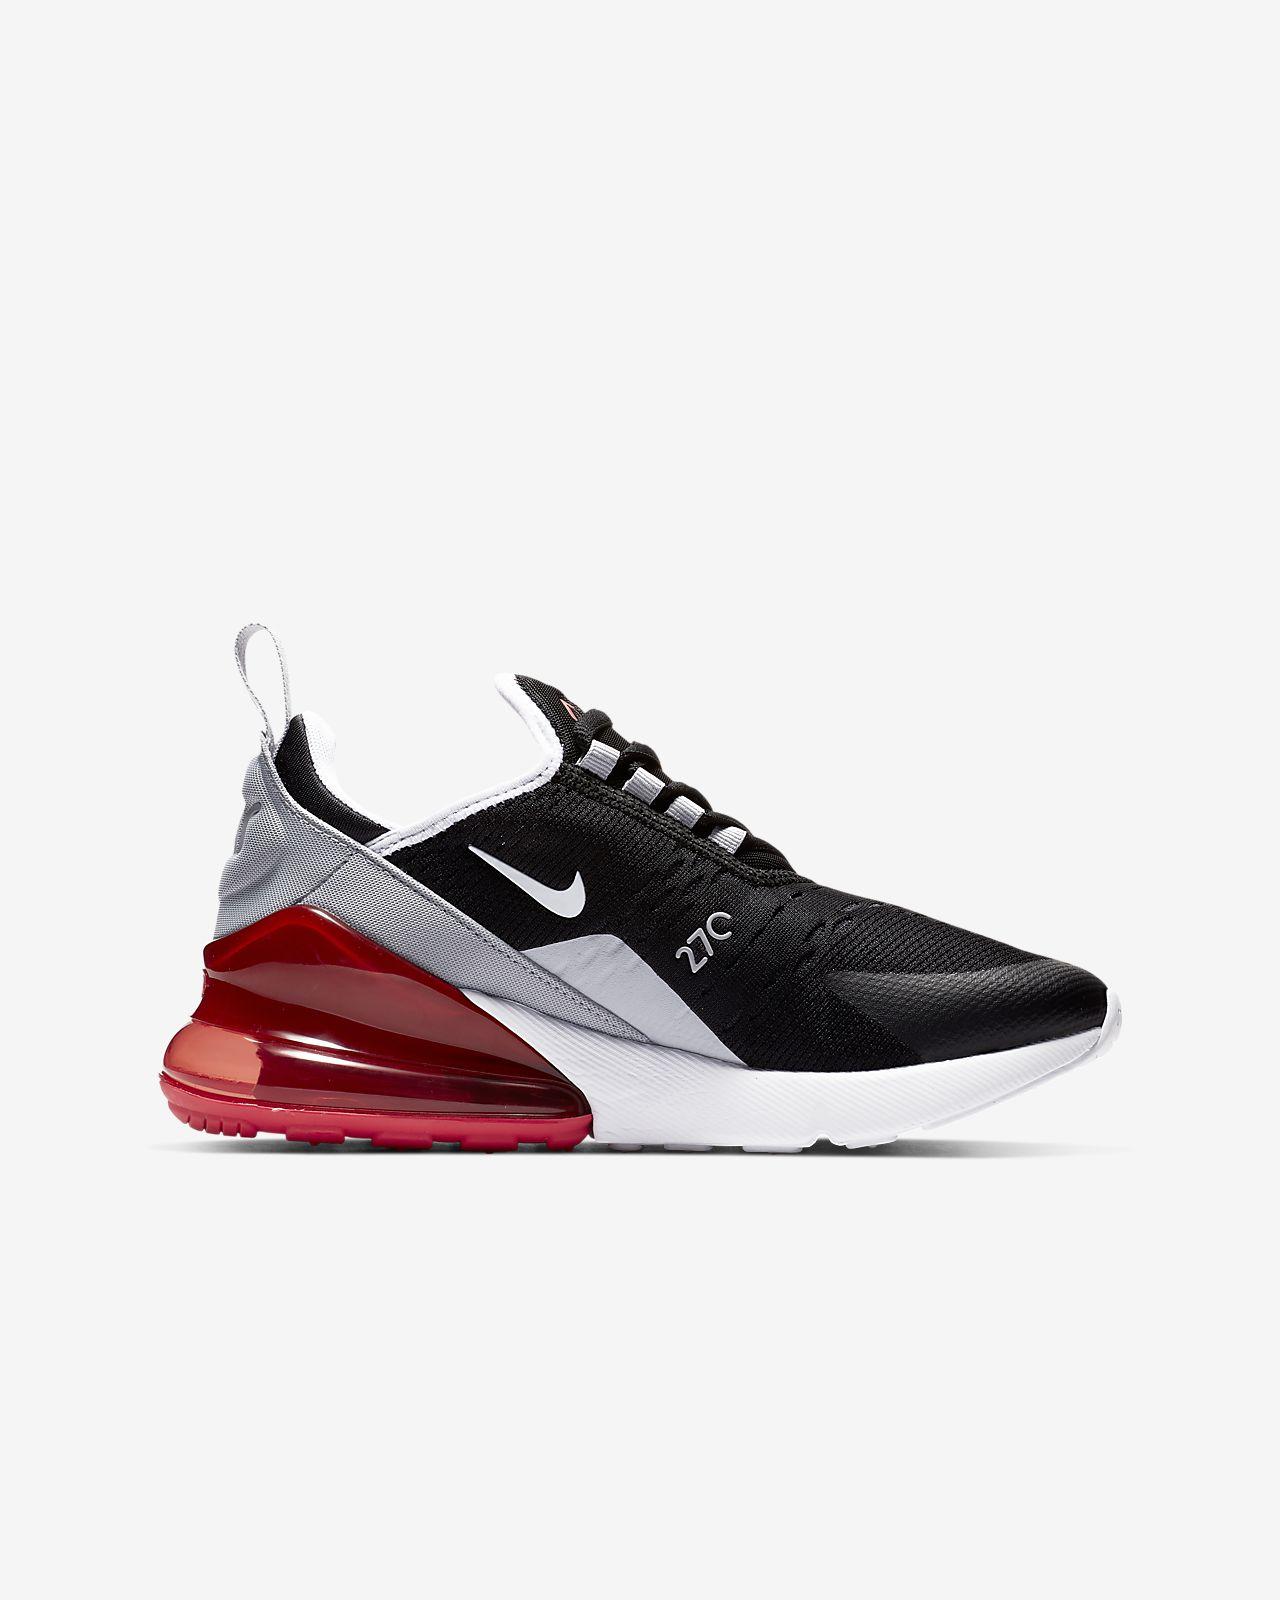 cheaper 47232 3b788 Nike Air Max 270